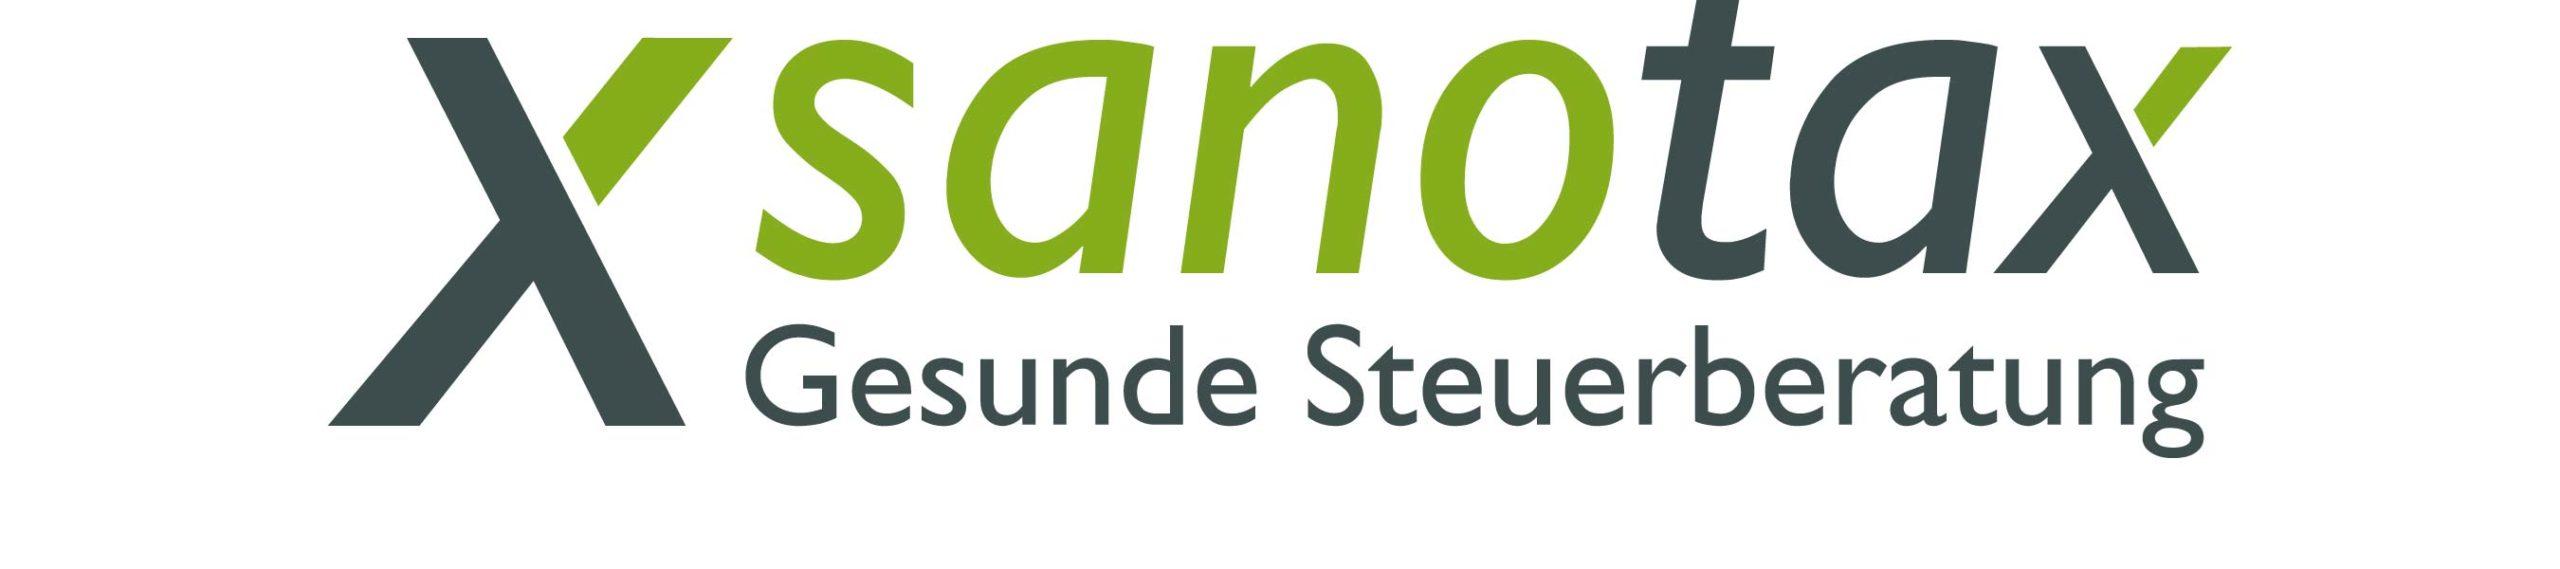 Sanotax - Gesunde Steuerberatung in Oberhausen, Köln, Koblenz